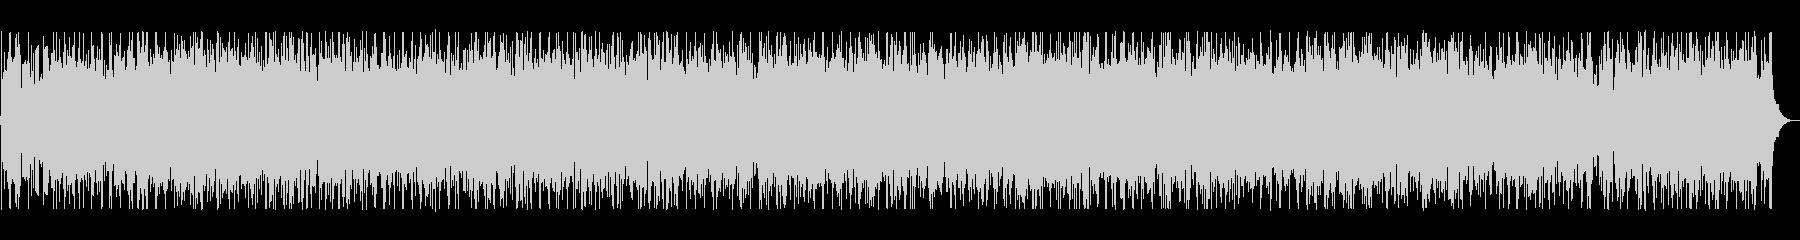 アイリッシュバイオリン[6分間長め]の未再生の波形